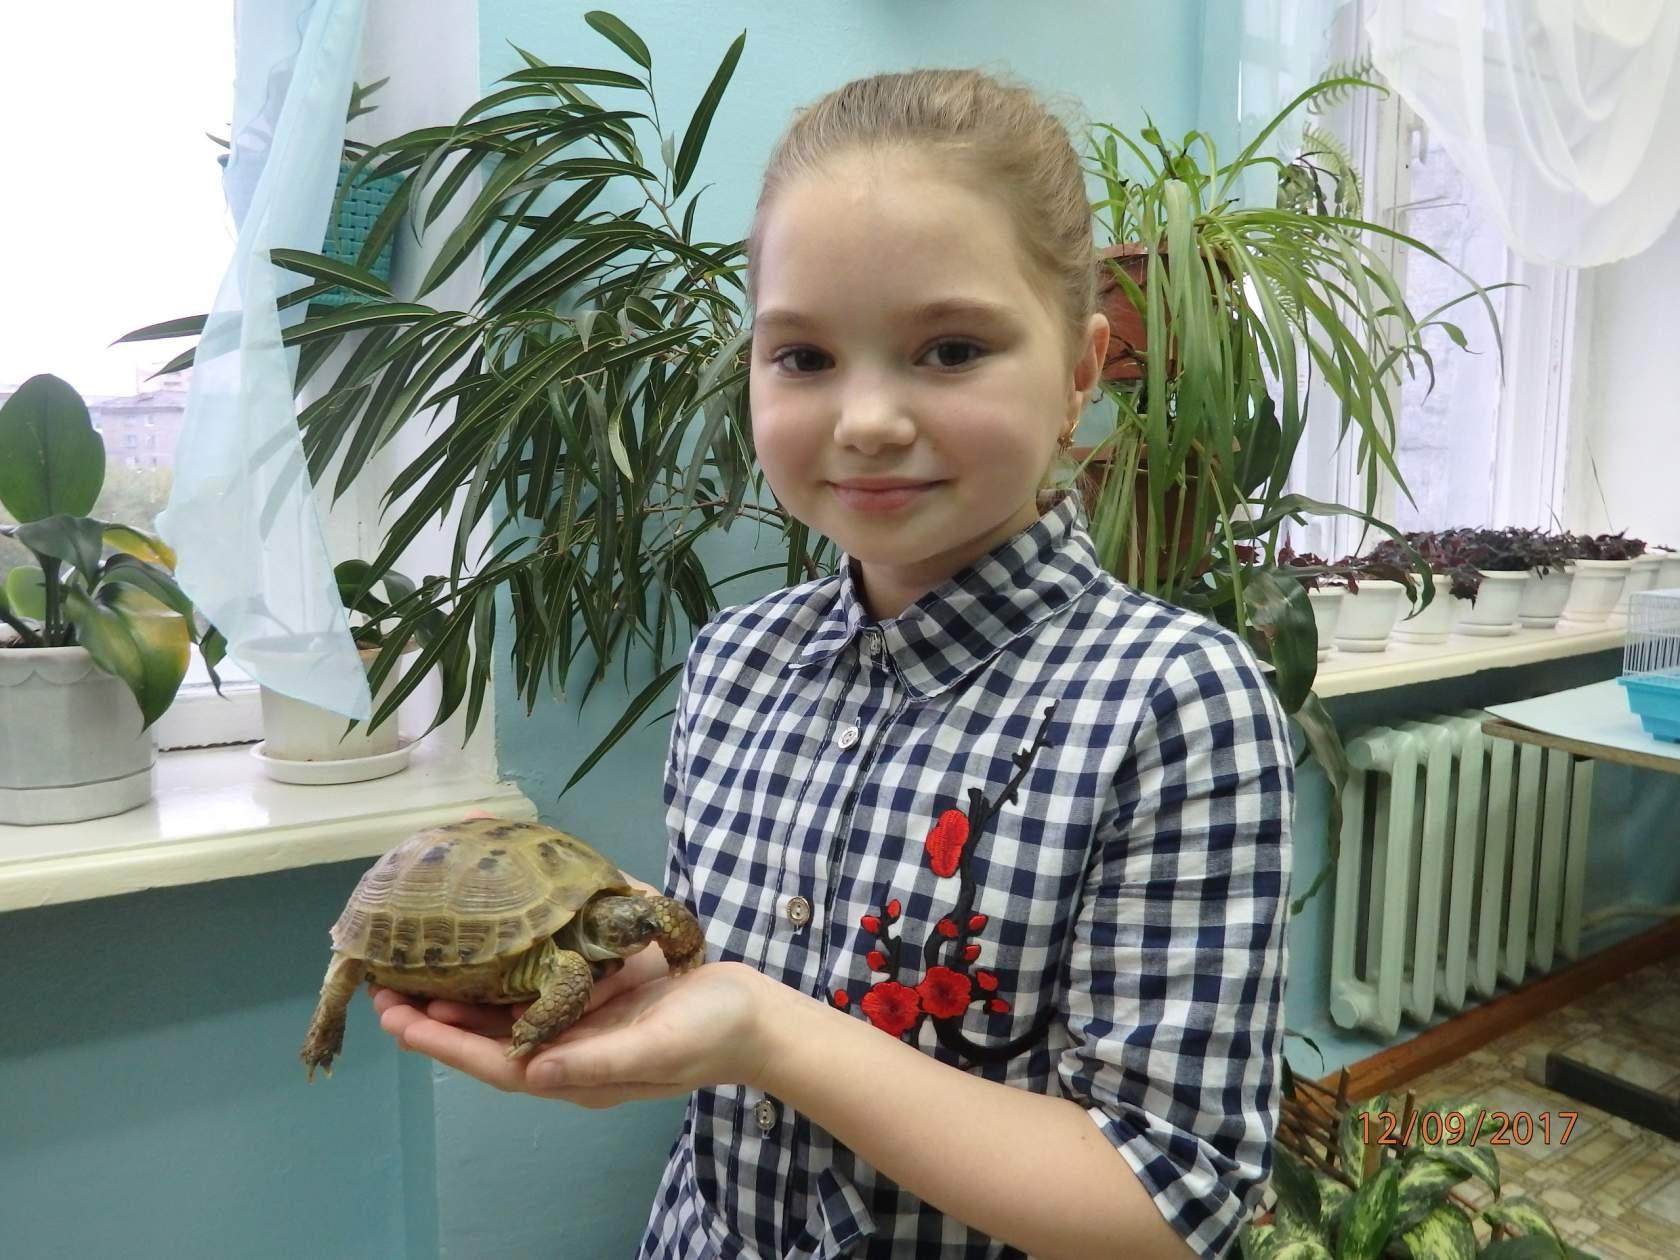 Спасти ребенка: за первые часы марафона в помощь воркутинке Юле Струц собрано 15 тысяч 606 рублей